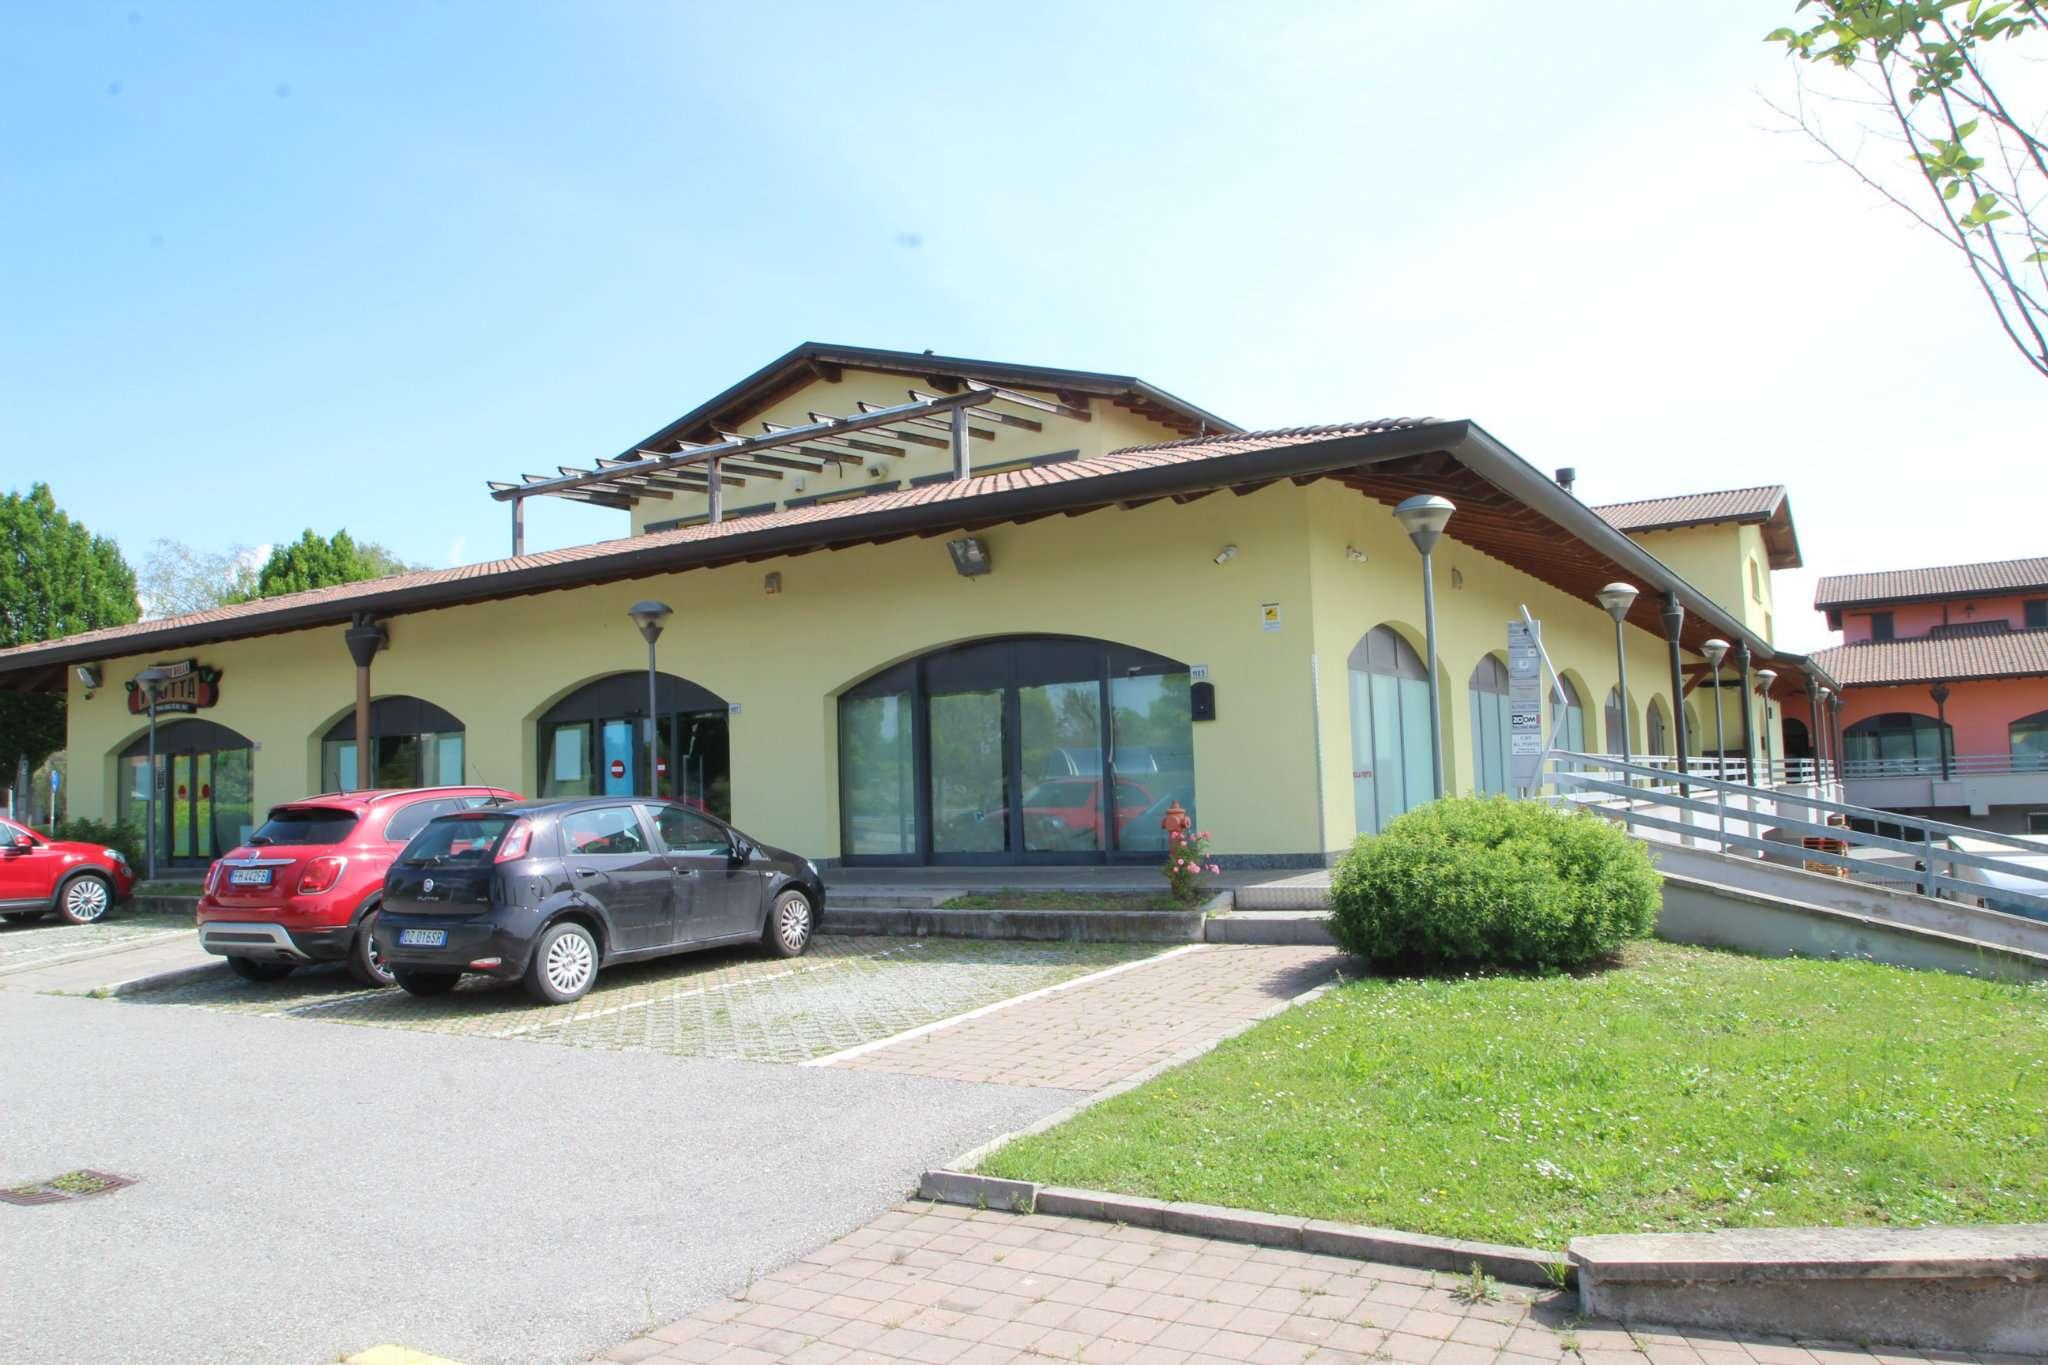 Negozio / Locale in vendita a Calusco d'Adda, 5 locali, prezzo € 139.500 | PortaleAgenzieImmobiliari.it